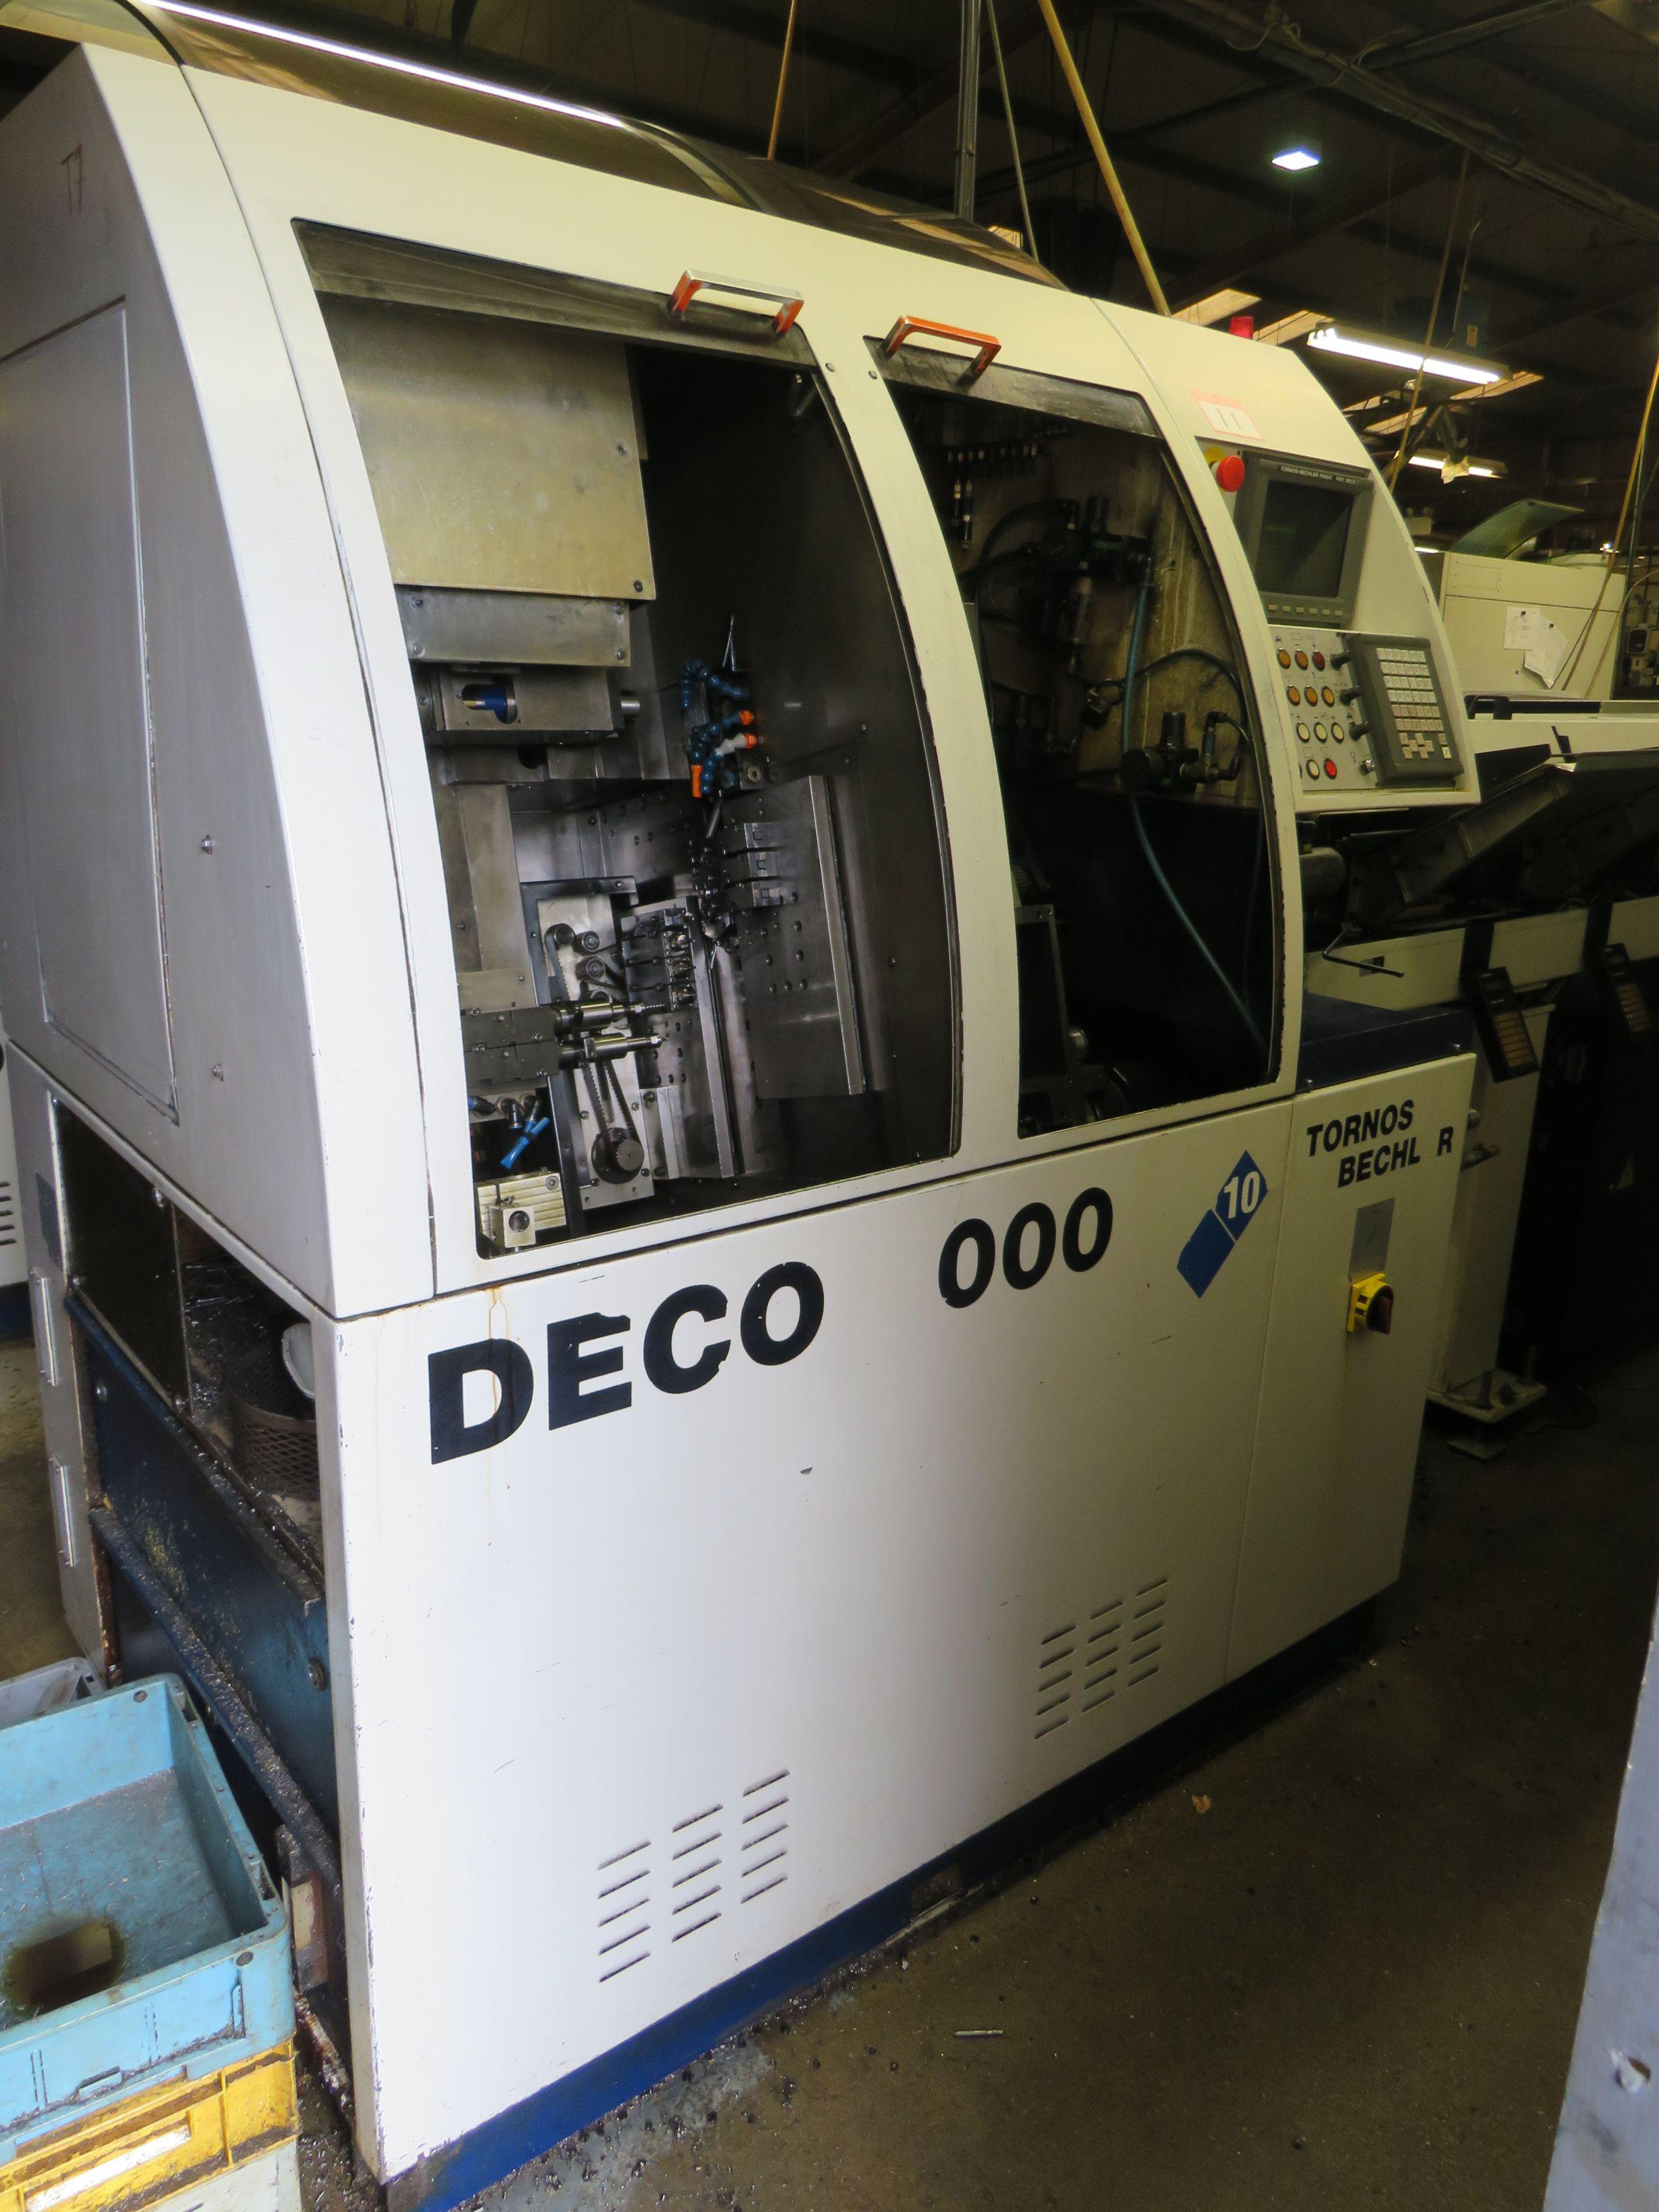 Tornos Deco 2000/10 Schweizer CNC-Drehmaschine